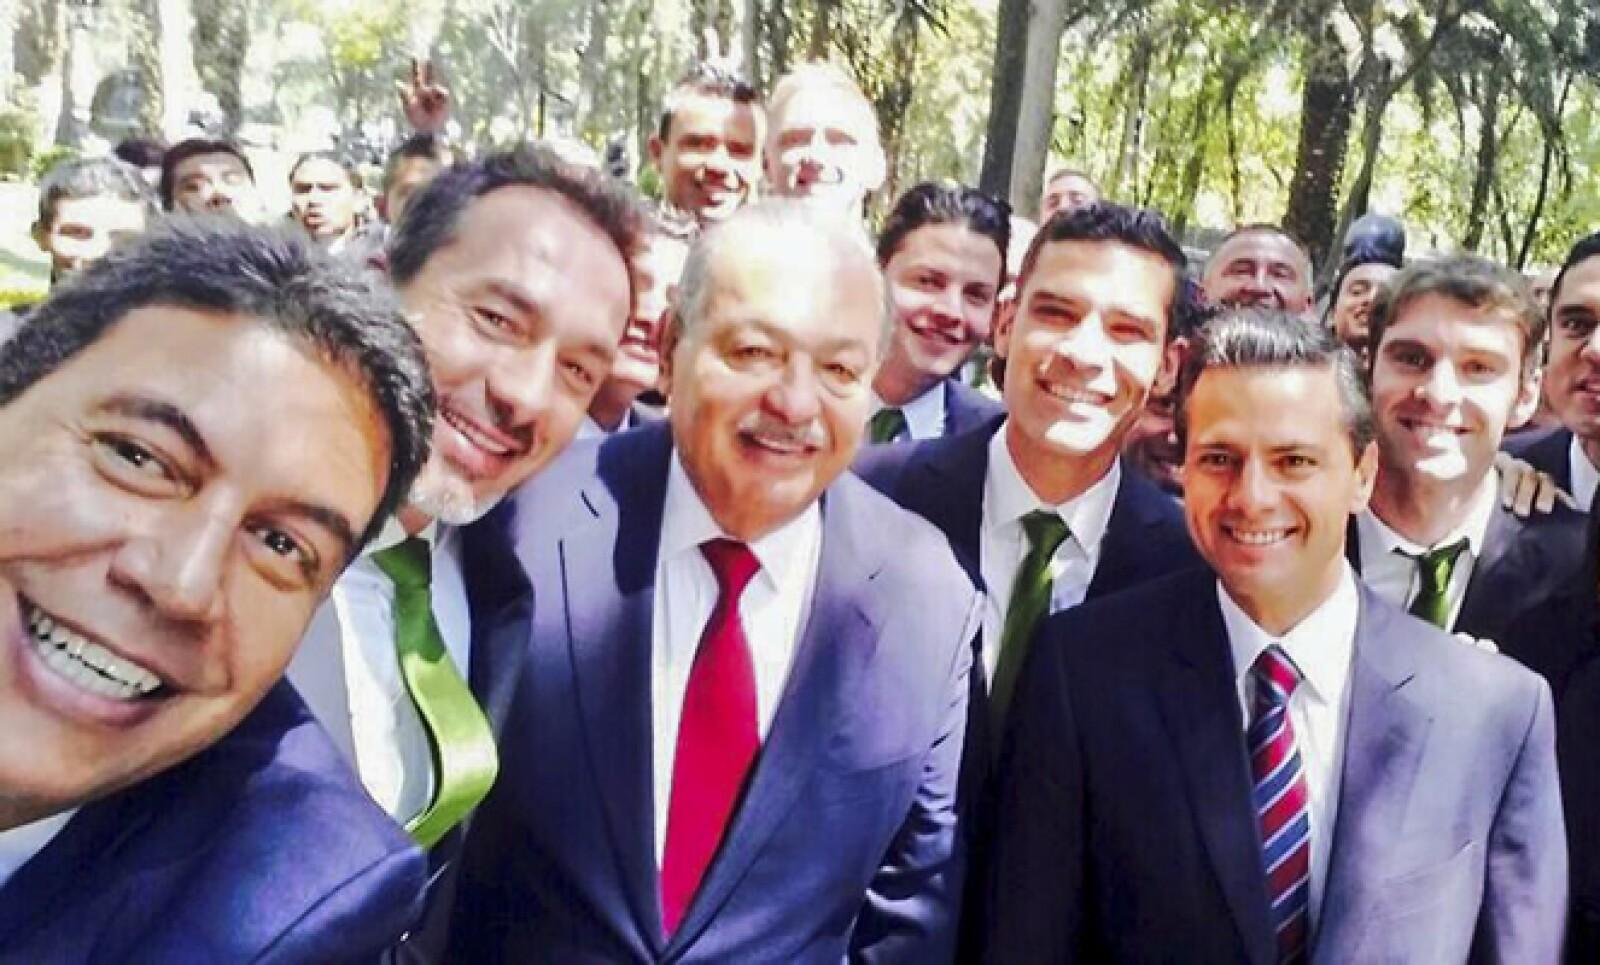 Arturo Elías Ayub, director de Alianzas Estratégicas de Telmex, tomó una foto de la visita del León a Los Pinos, en la que se puede ver a Carlos Slim y al presidente Enrique Peña.